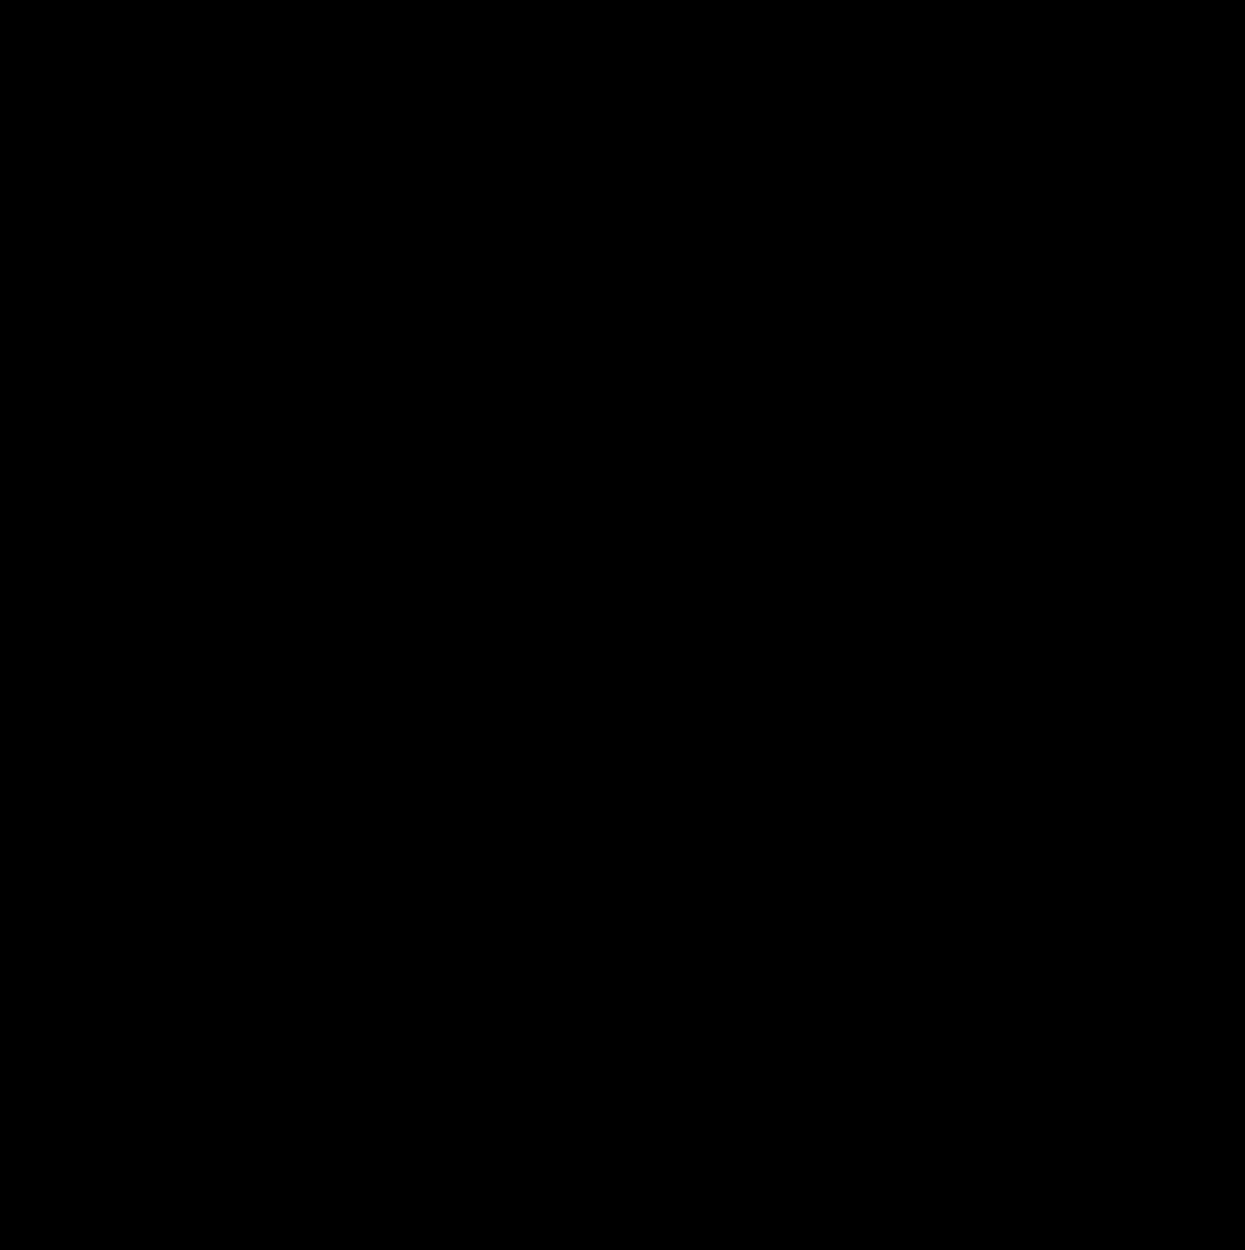 คอร์ดเพลงง่ายๆ คอร์ดกีตาร์ ง่าย เพลง หนุ่มหญ้าคา (ภาษาโคราชครับ)